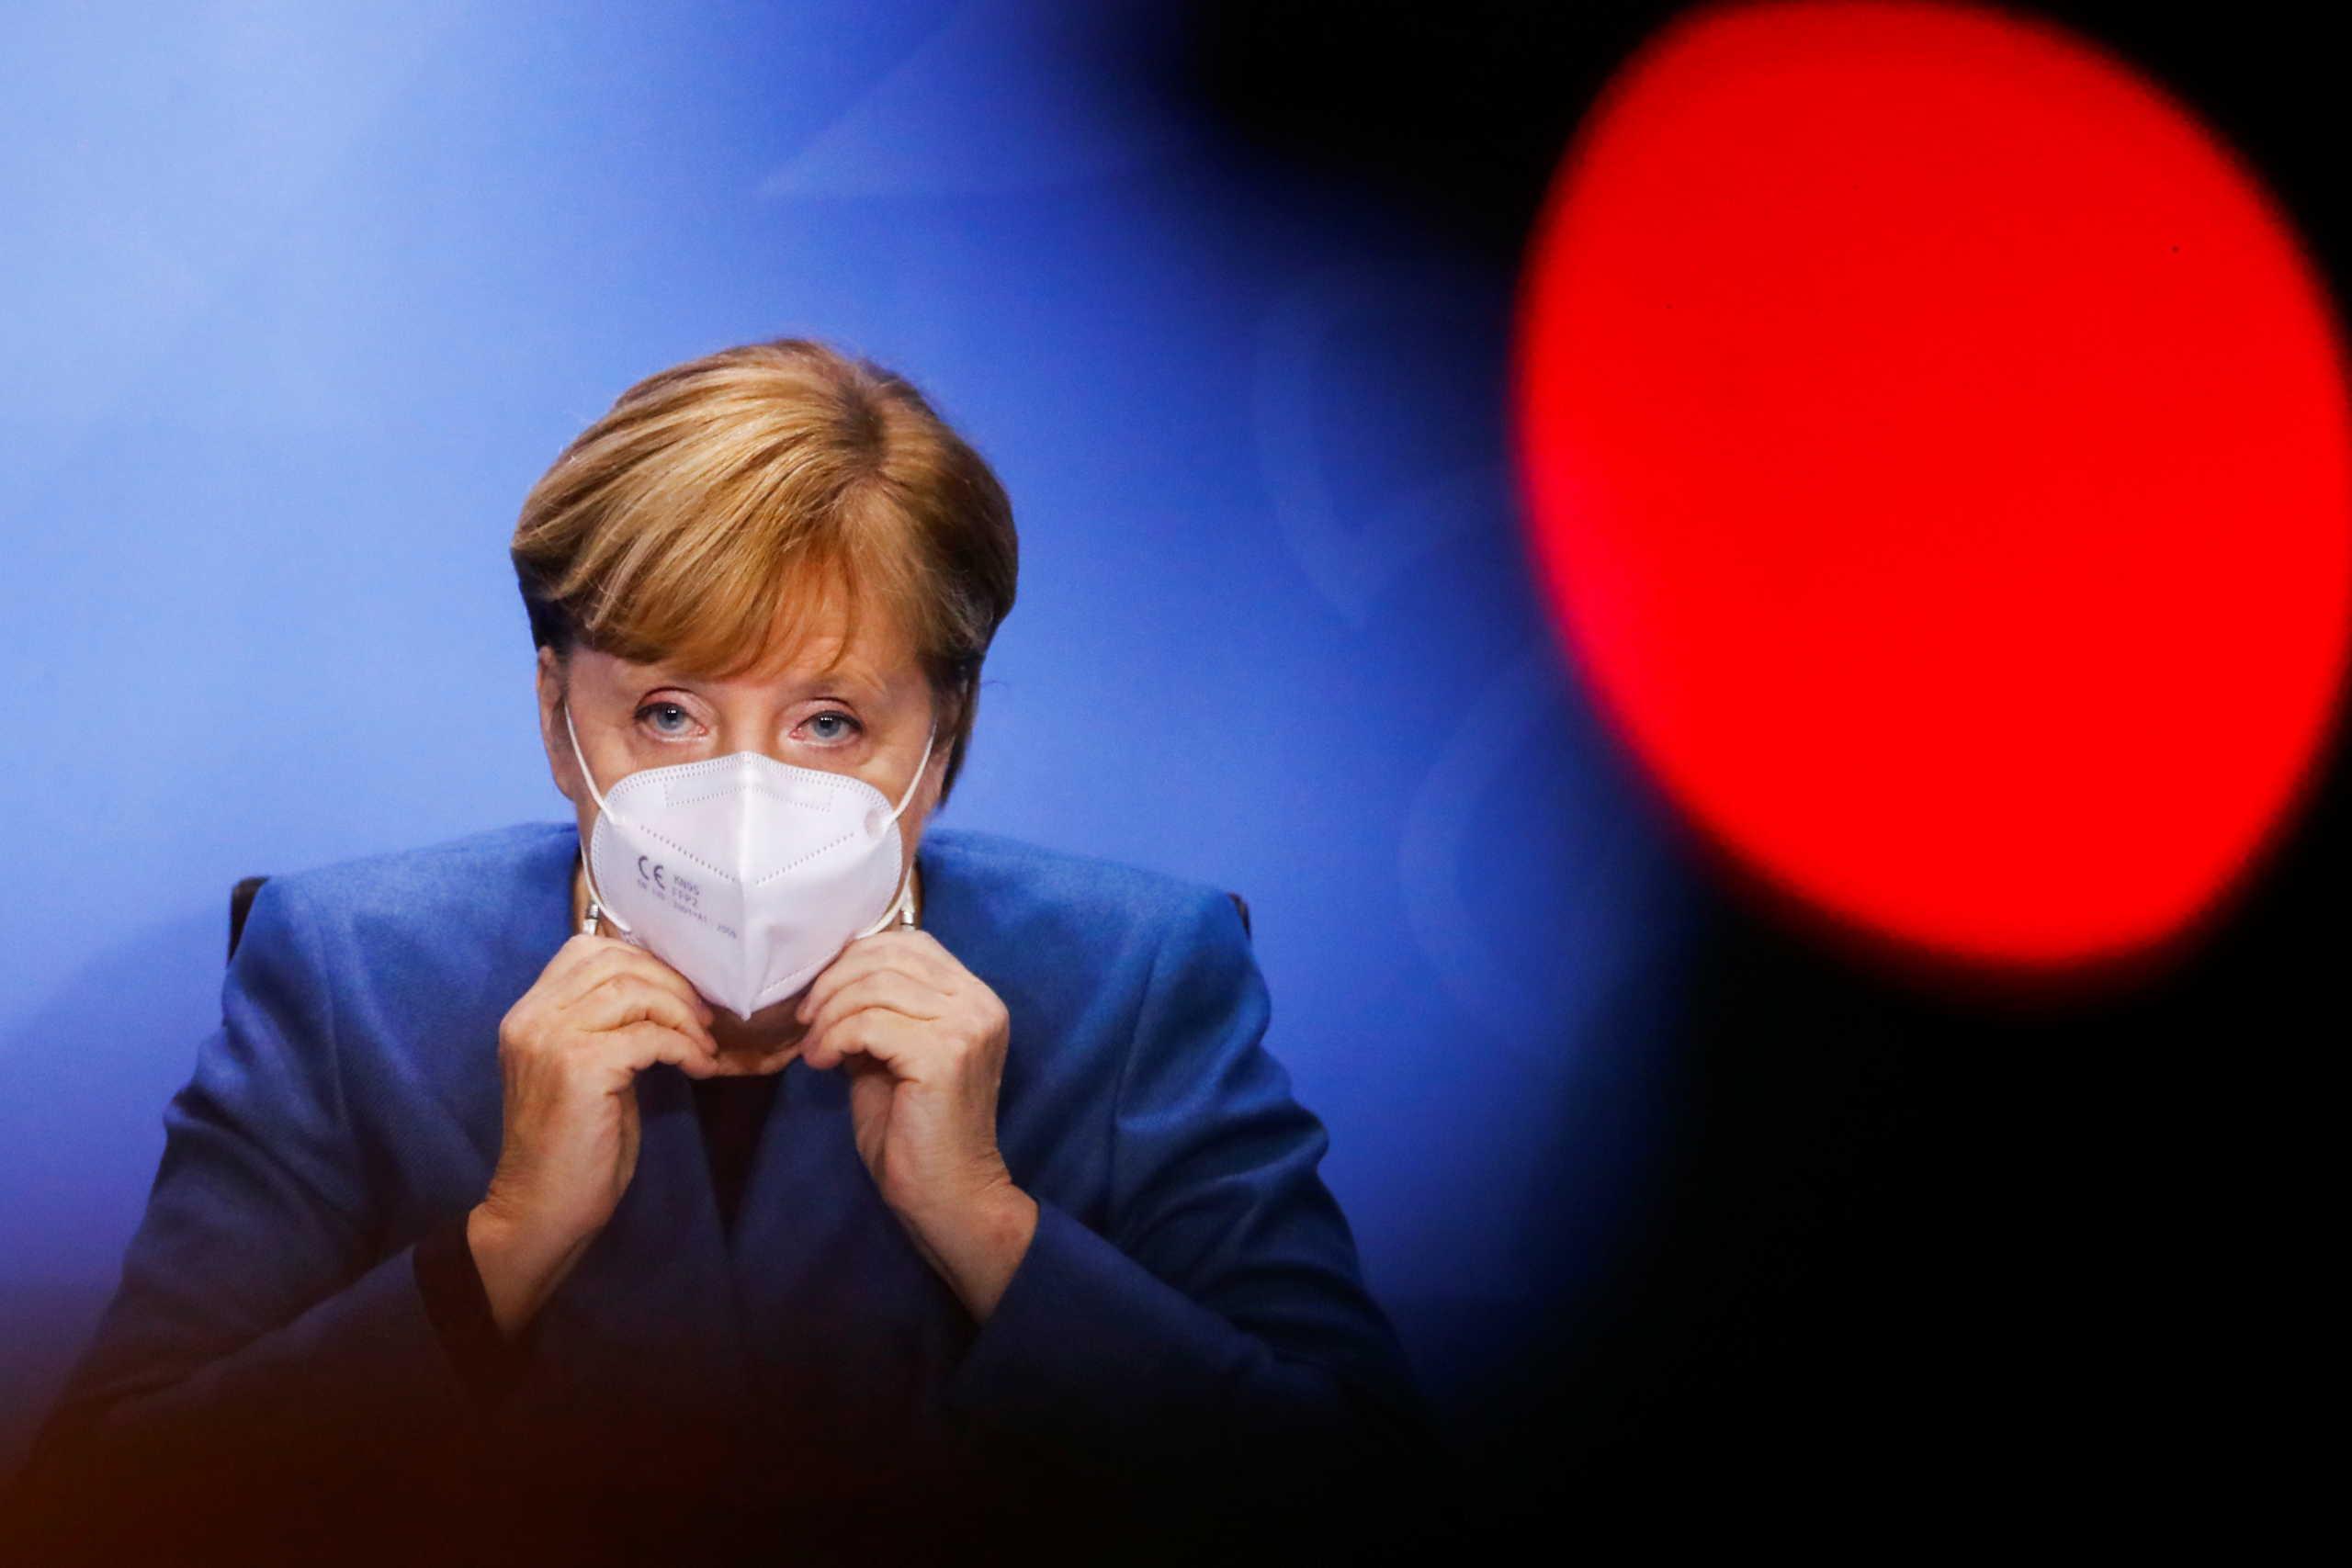 Κορονοϊός: Μερικό lockdown και στη Γερμανία – Όλα τα μέτρα που ανακοίνωσε η Μέρκελ